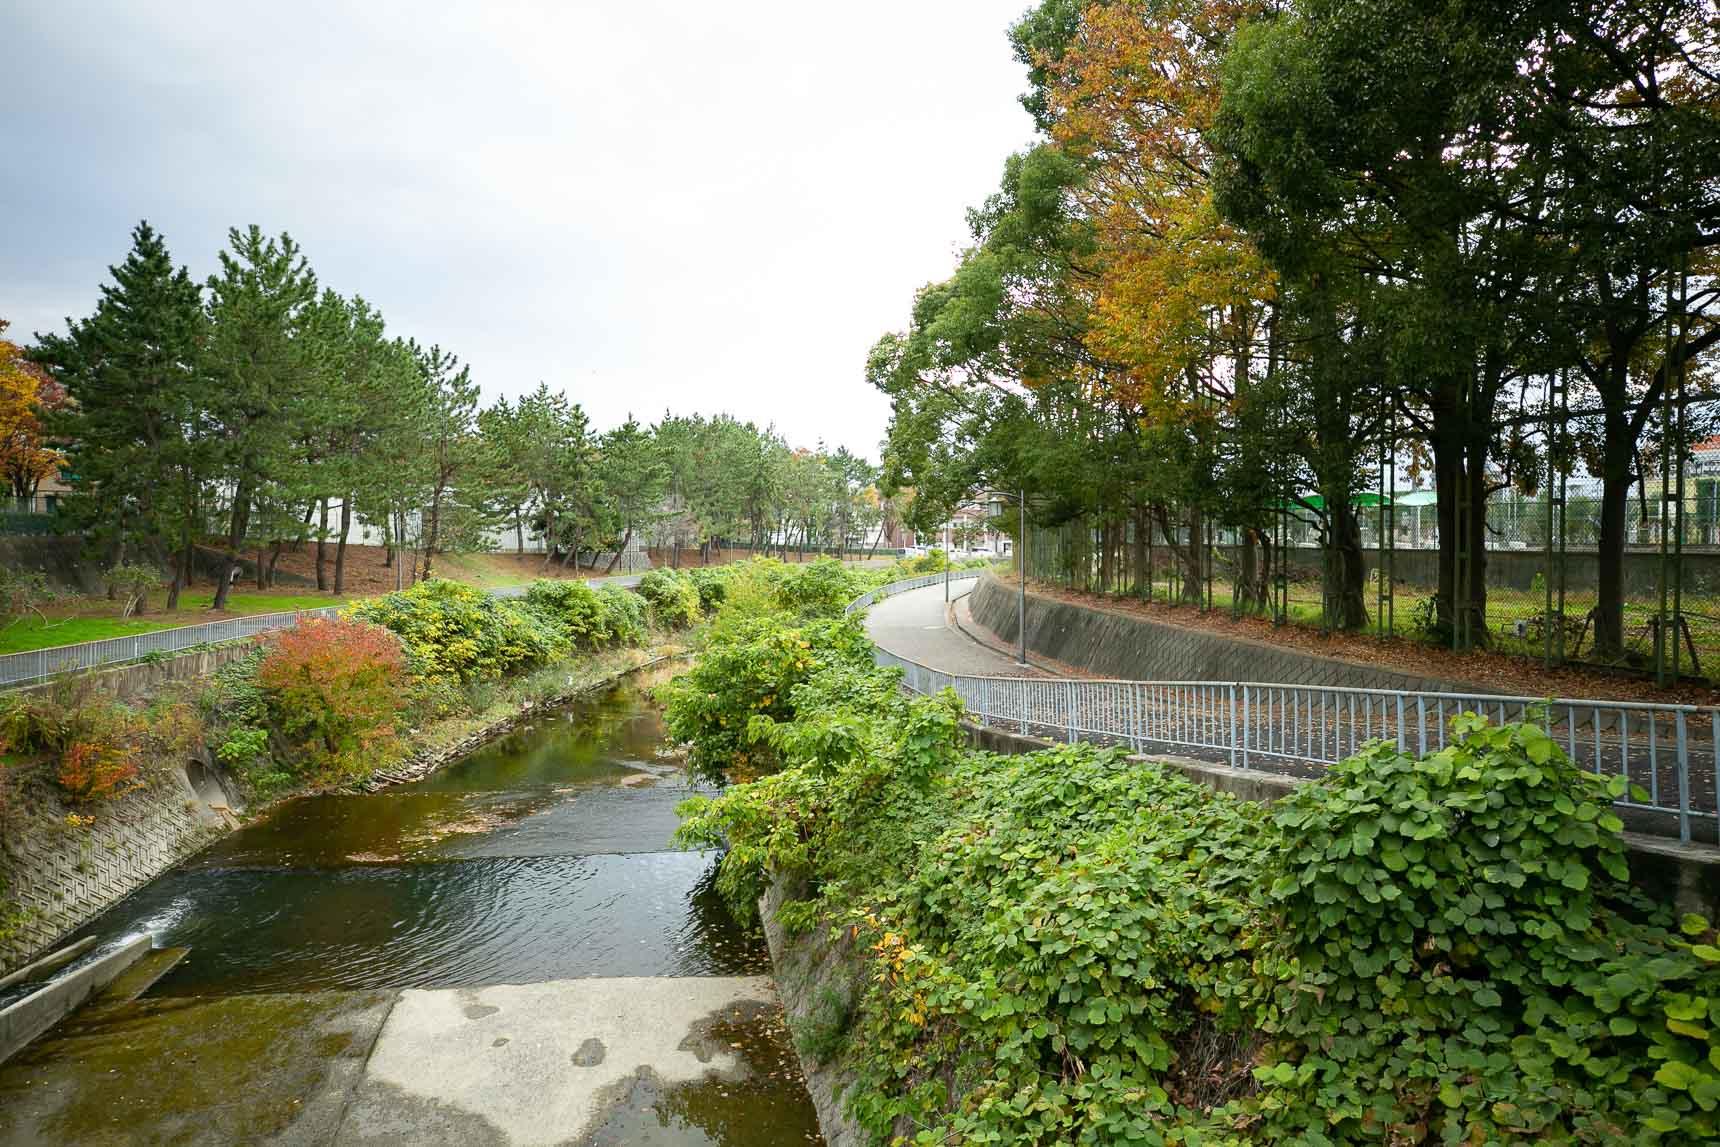 千里川に沿って遊歩道が整備されていて、自然を身近に感じられるとても気持ち良いスポットに。野鳥も訪れるほど綺麗な川です。これは毎日の散歩が日課になりそう。